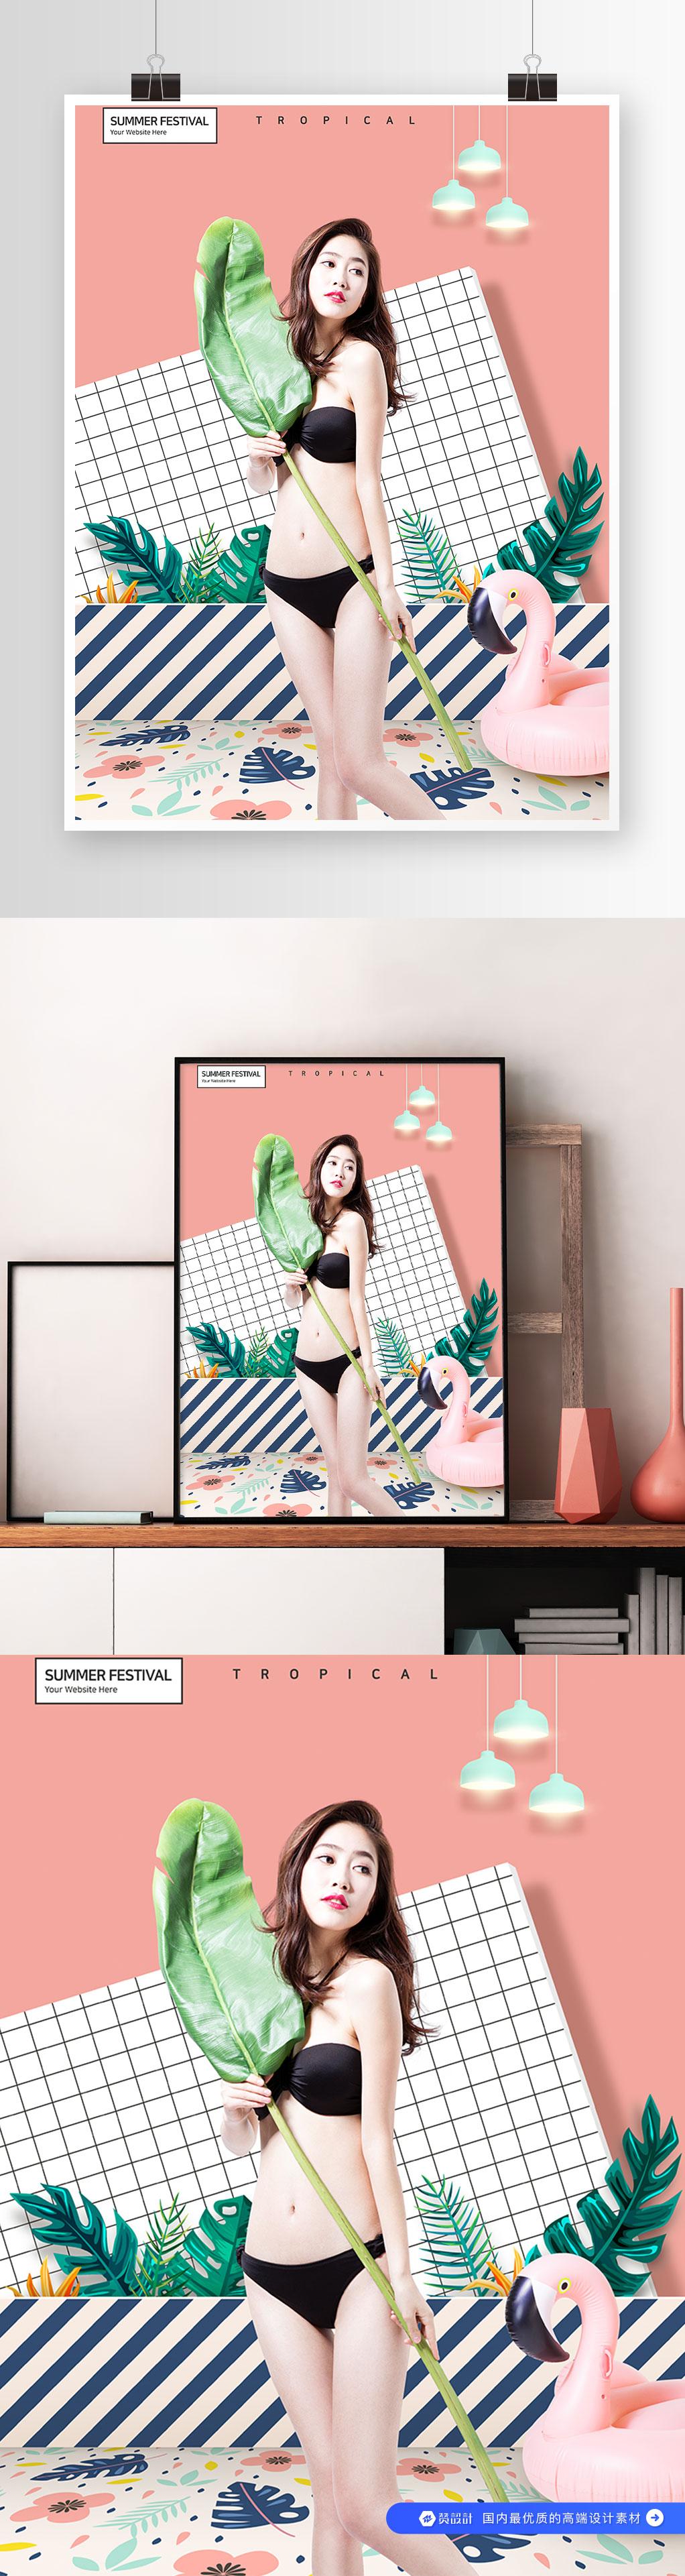 夏季比基尼复古波普风宣传海报(12)